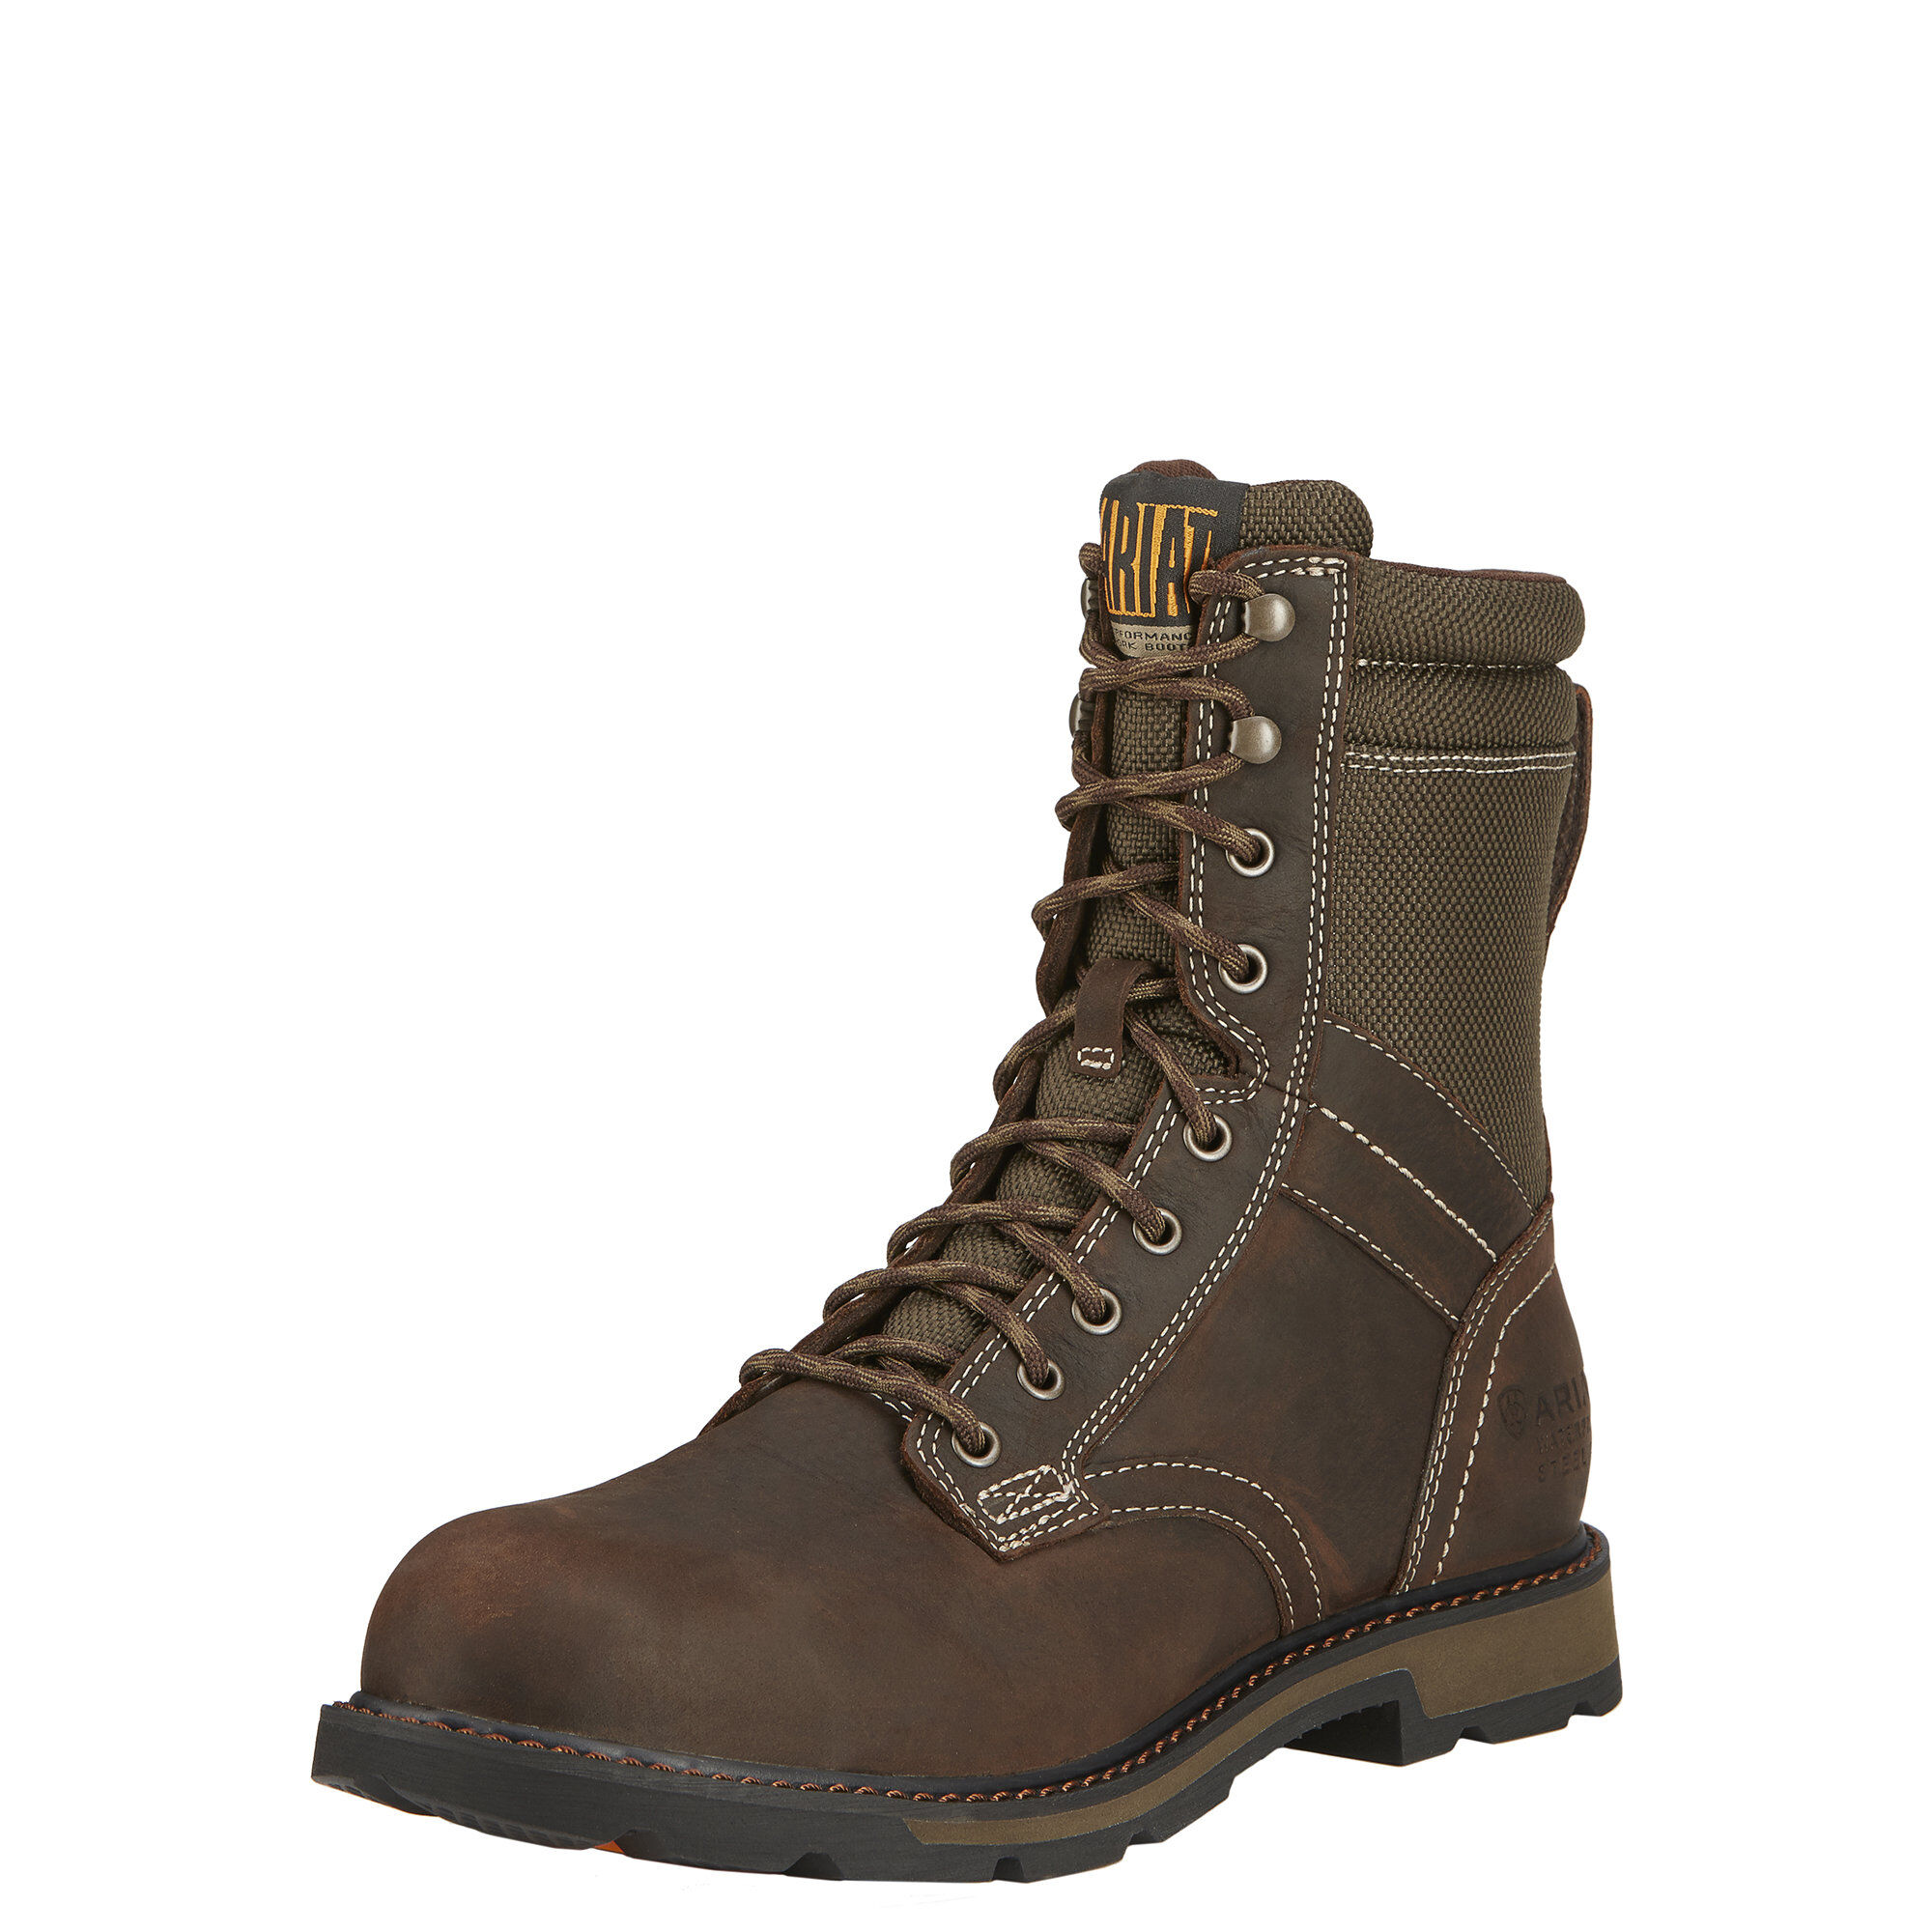 Groundbreaker 8 Quot Waterproof Steel Toe Work Boot